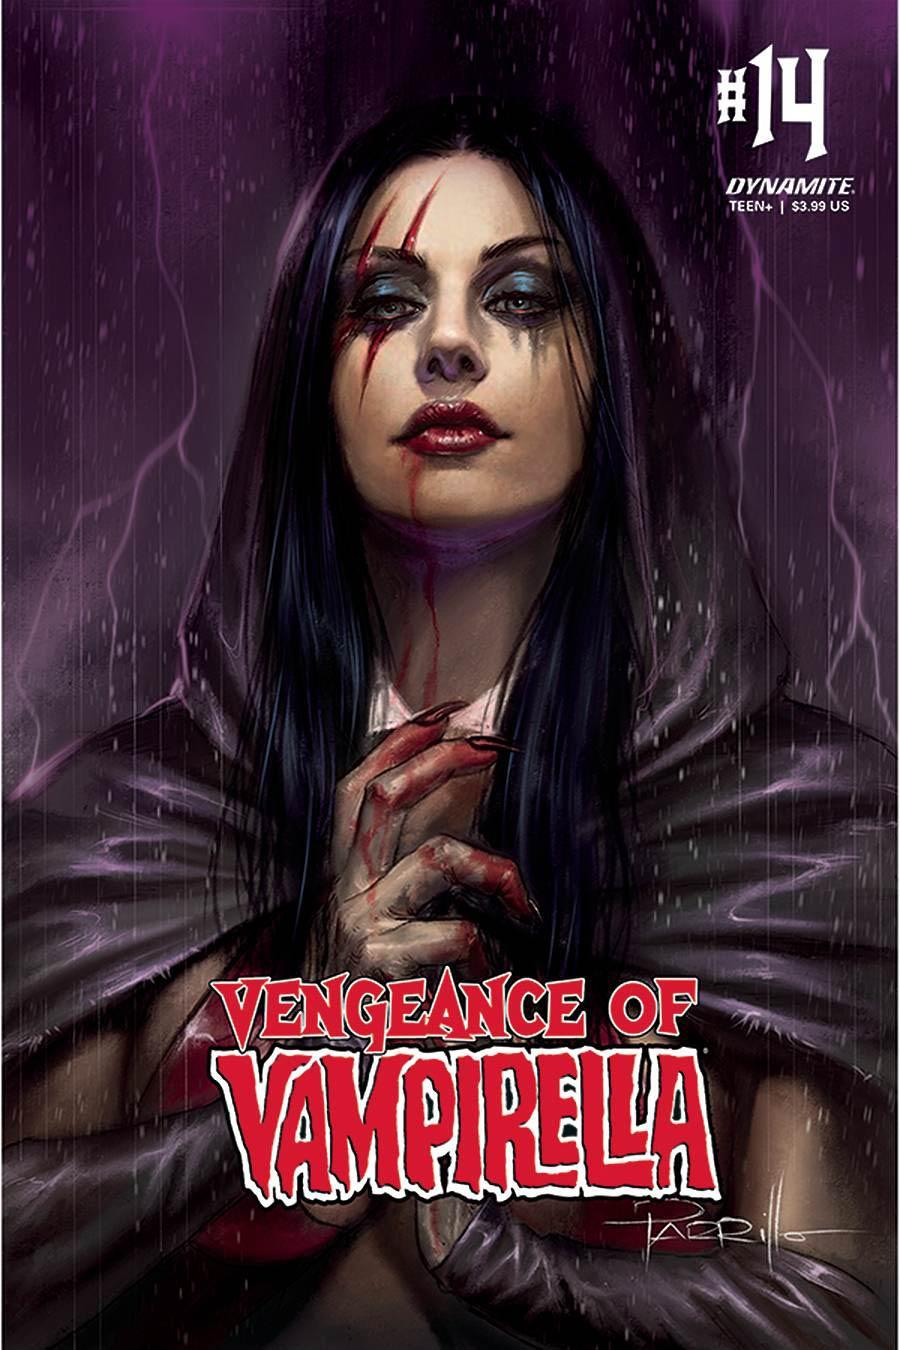 Vengeance Of Vampirella Vol 2 #14 Cover A Regular Lucio Parrillo Cover